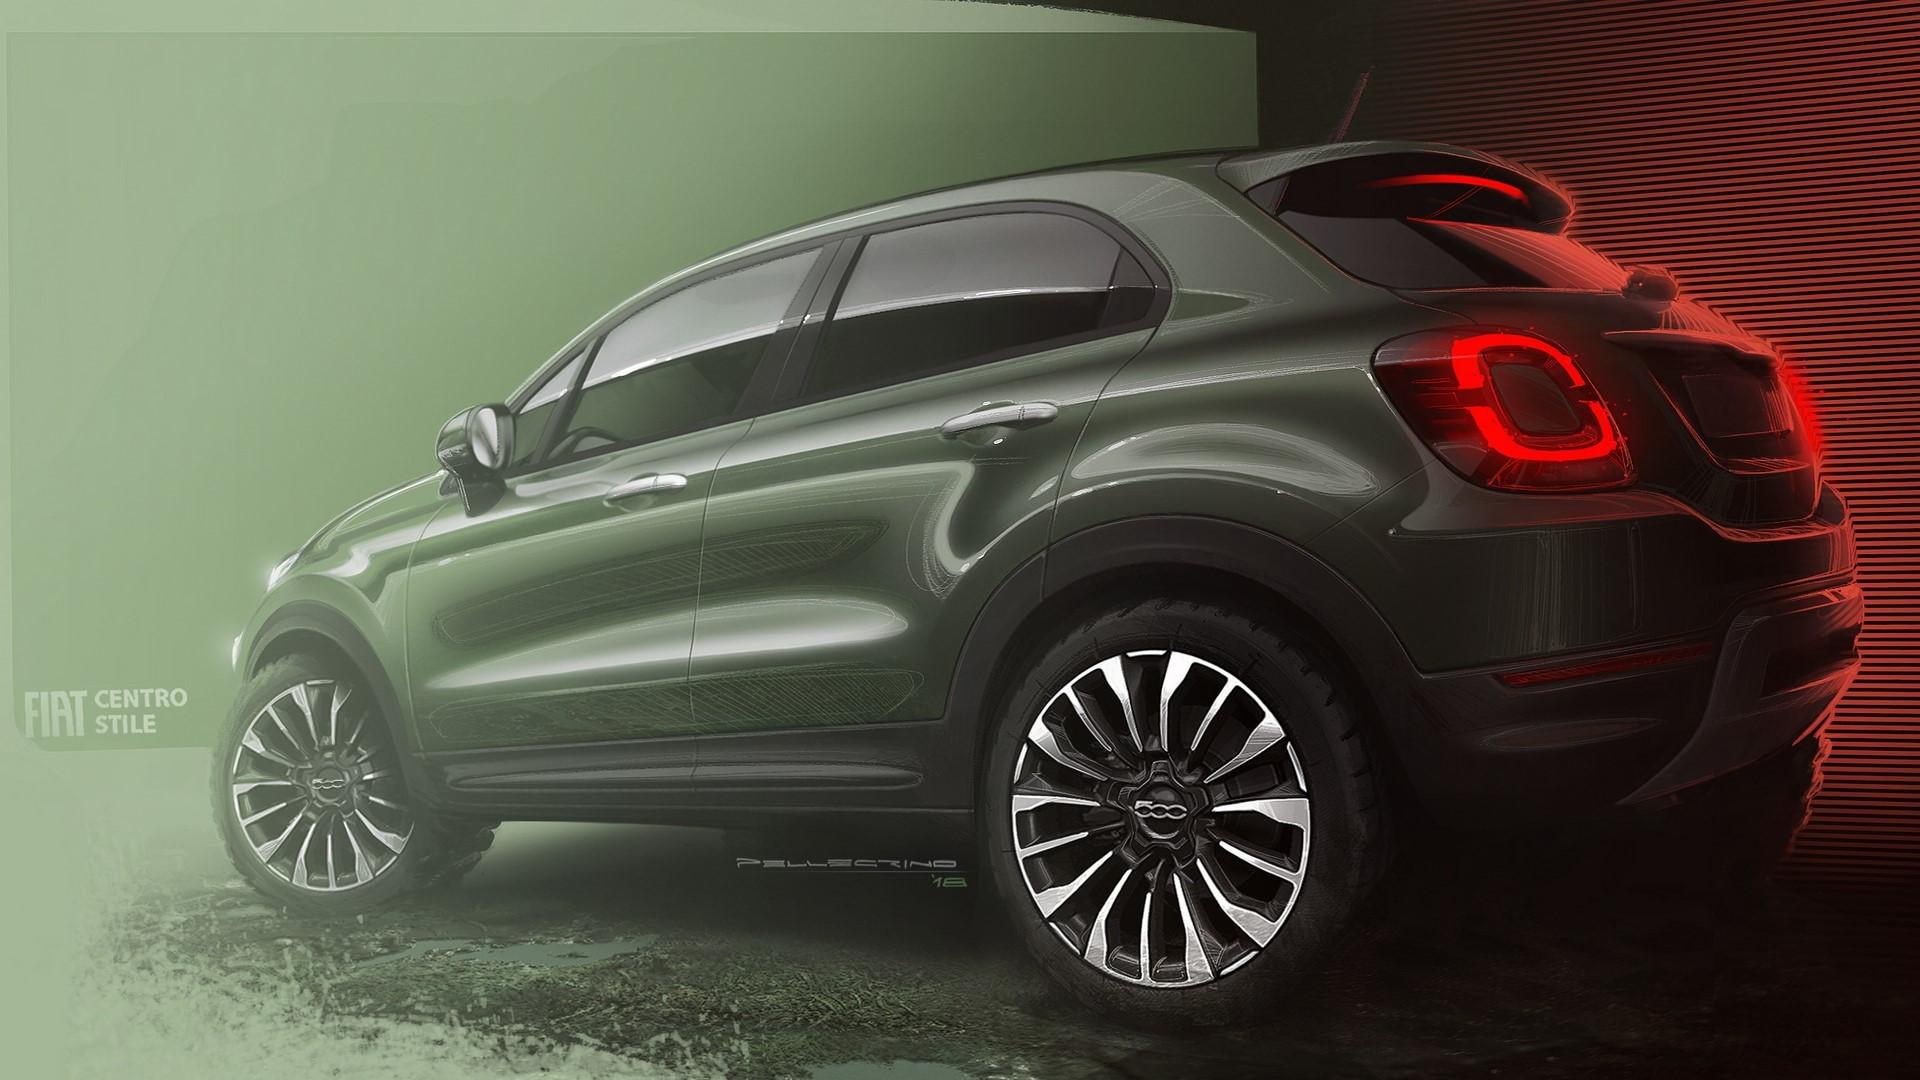 180828_Fiat_New-500X-sketch_18